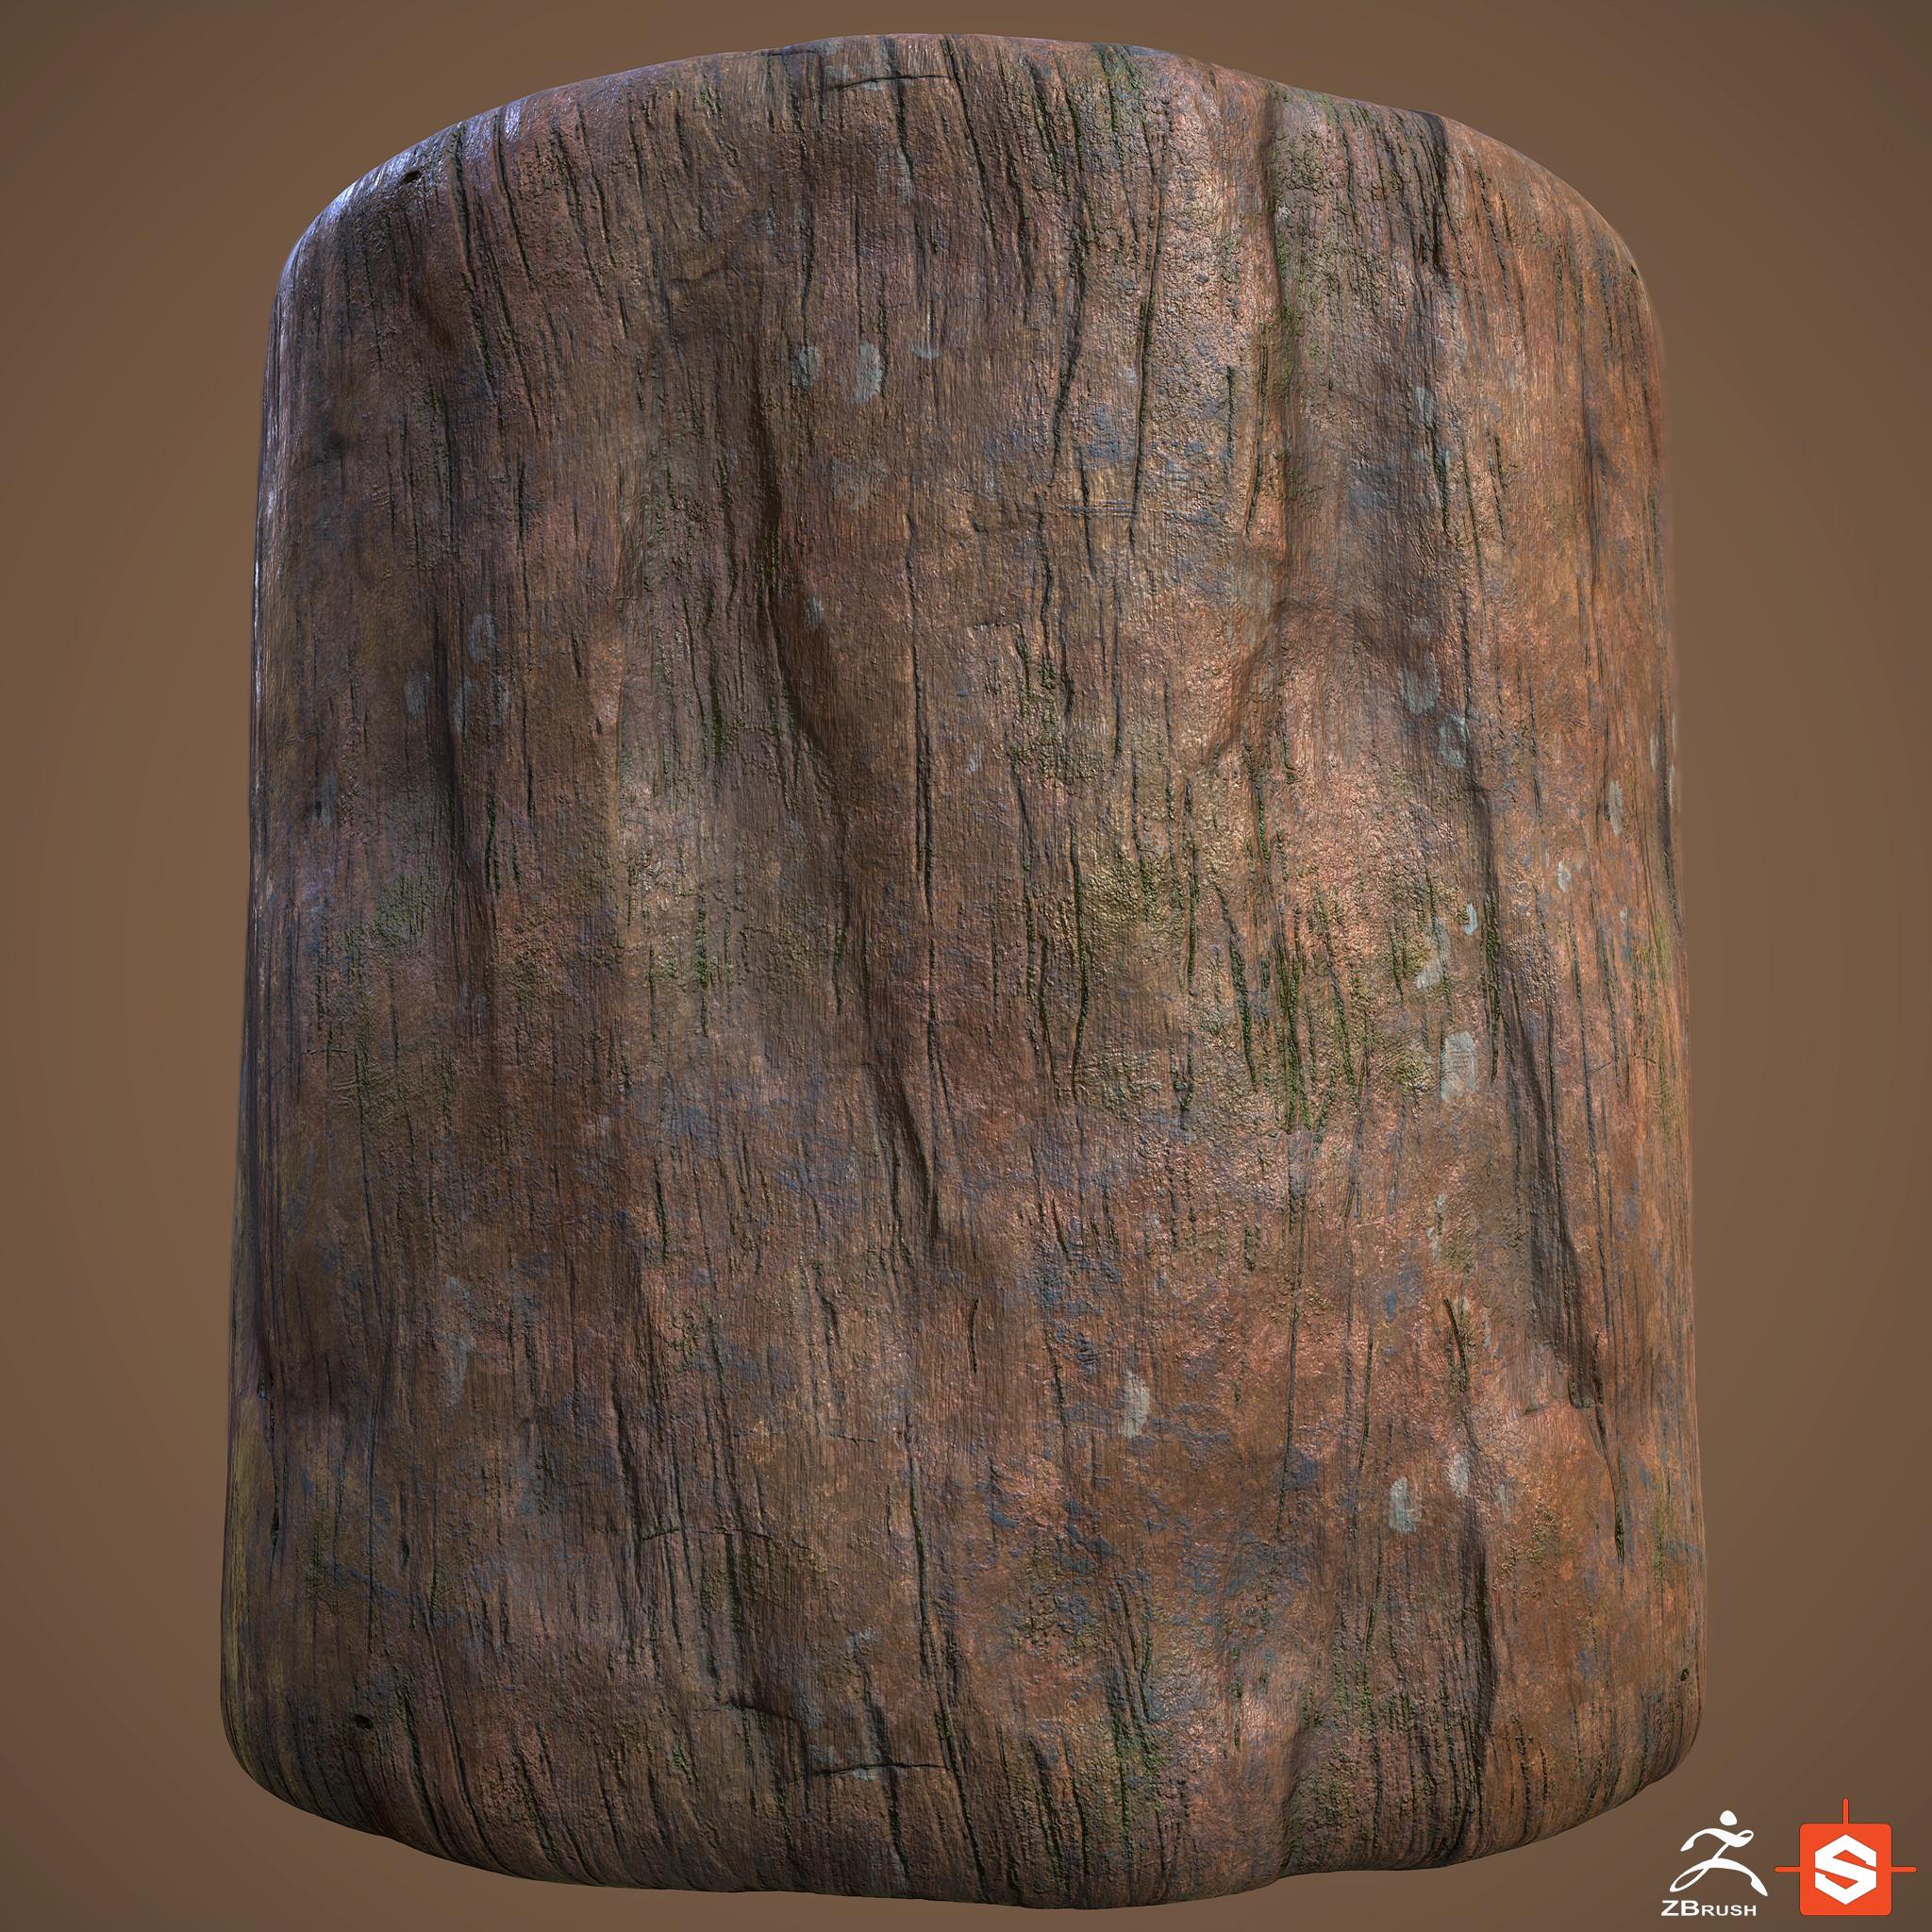 Bark material